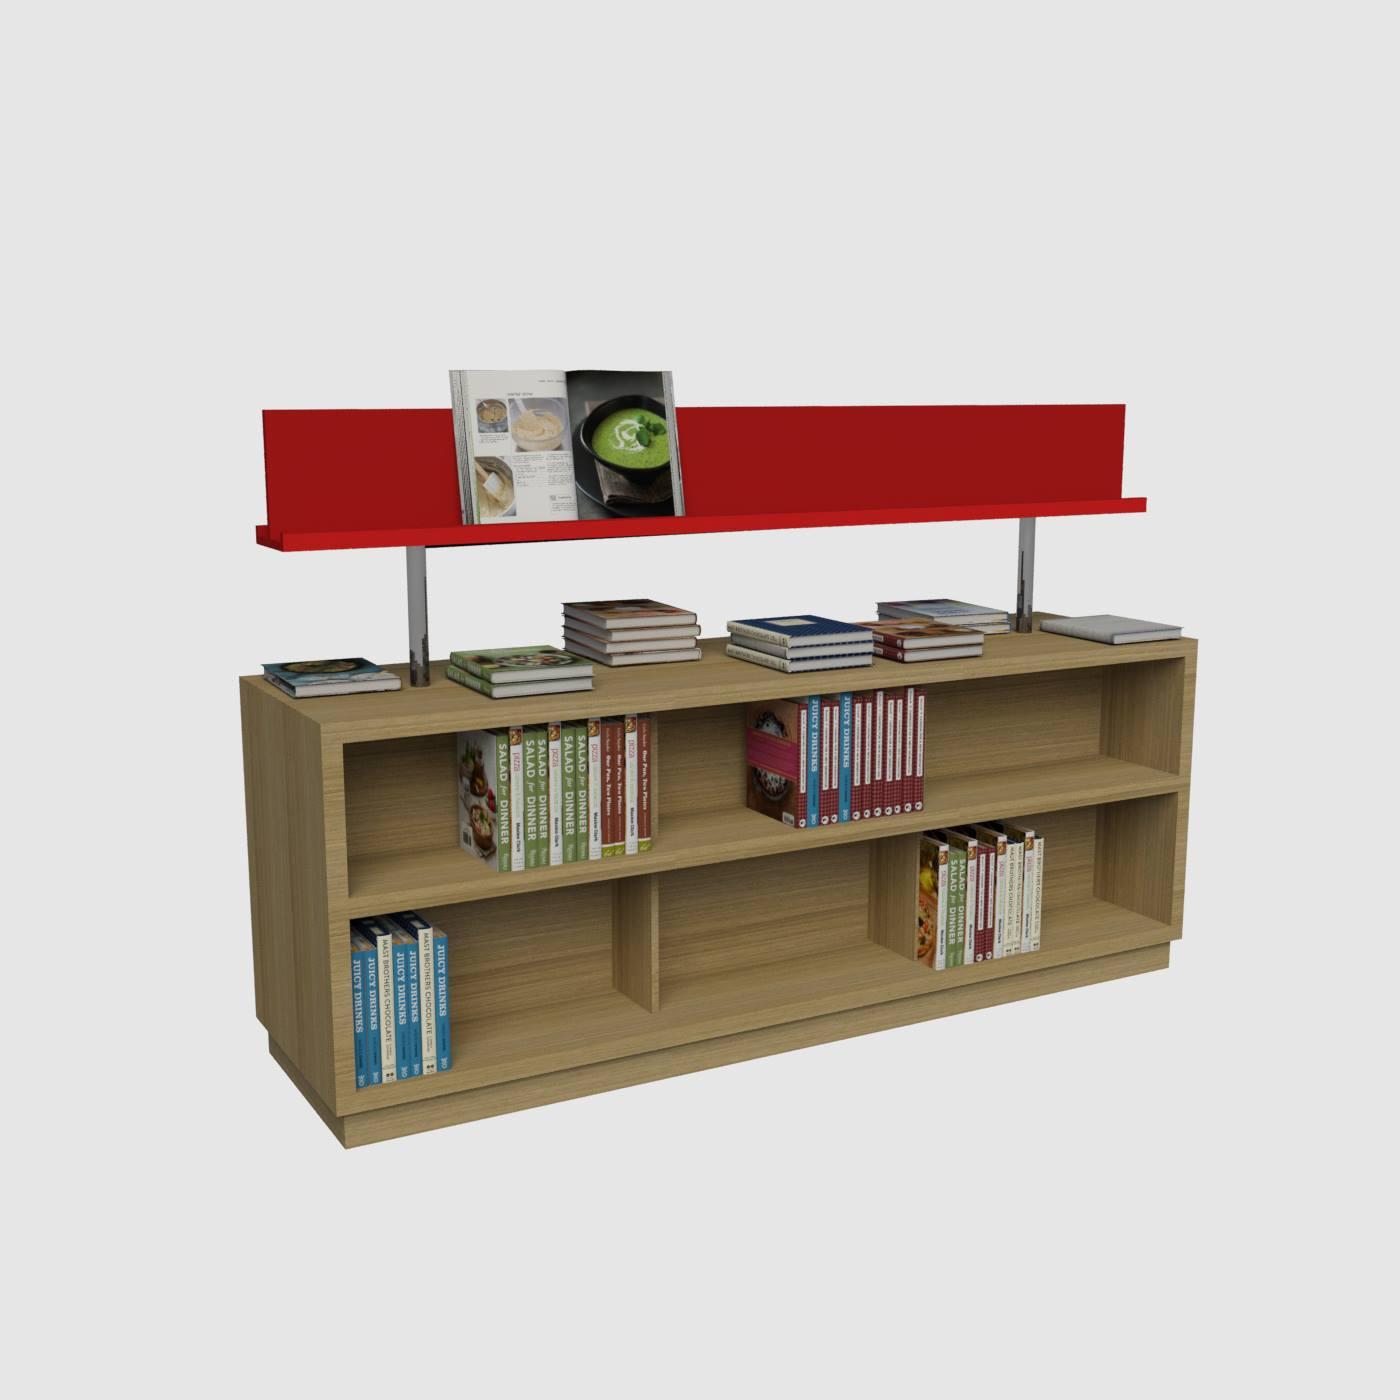 Πάγκος βιβλιοπωλείου εκθετήριο έπιπλα για βιβλιοπωλείο έπιπλο για βιβλία ραφιερα